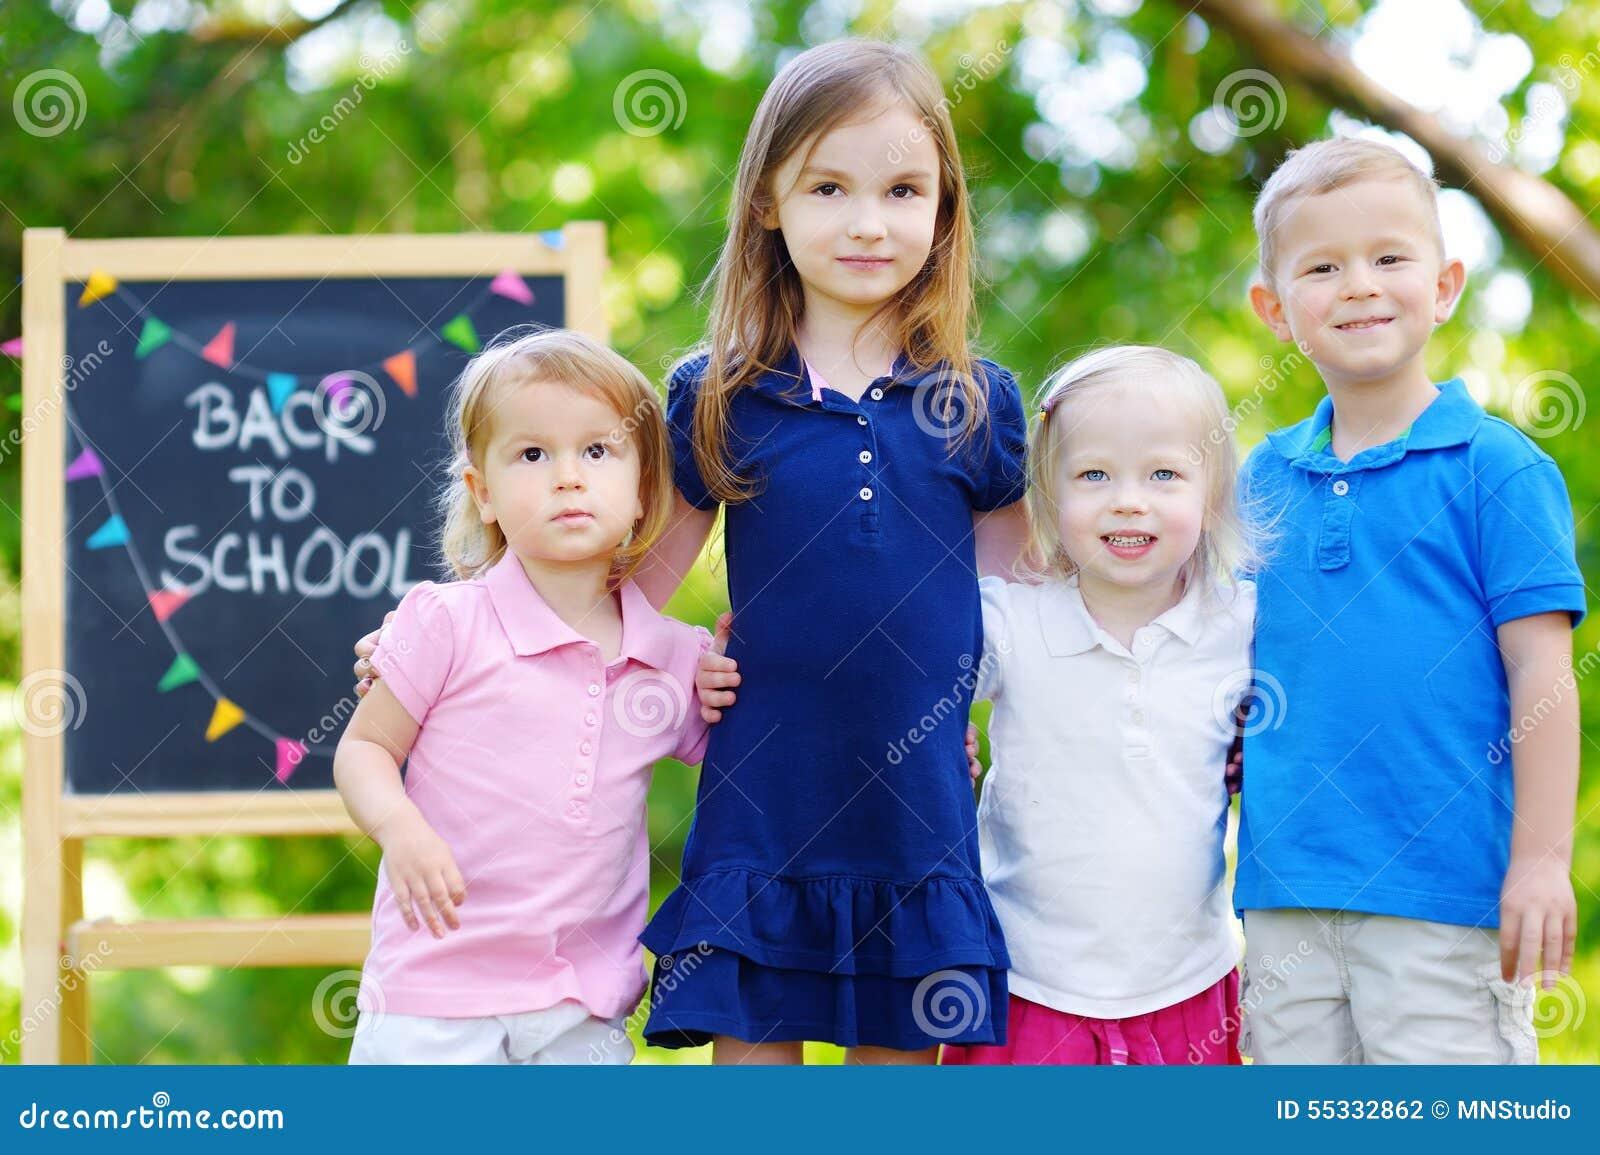 Quatro crianças adoráveis estão indo para trás à escola